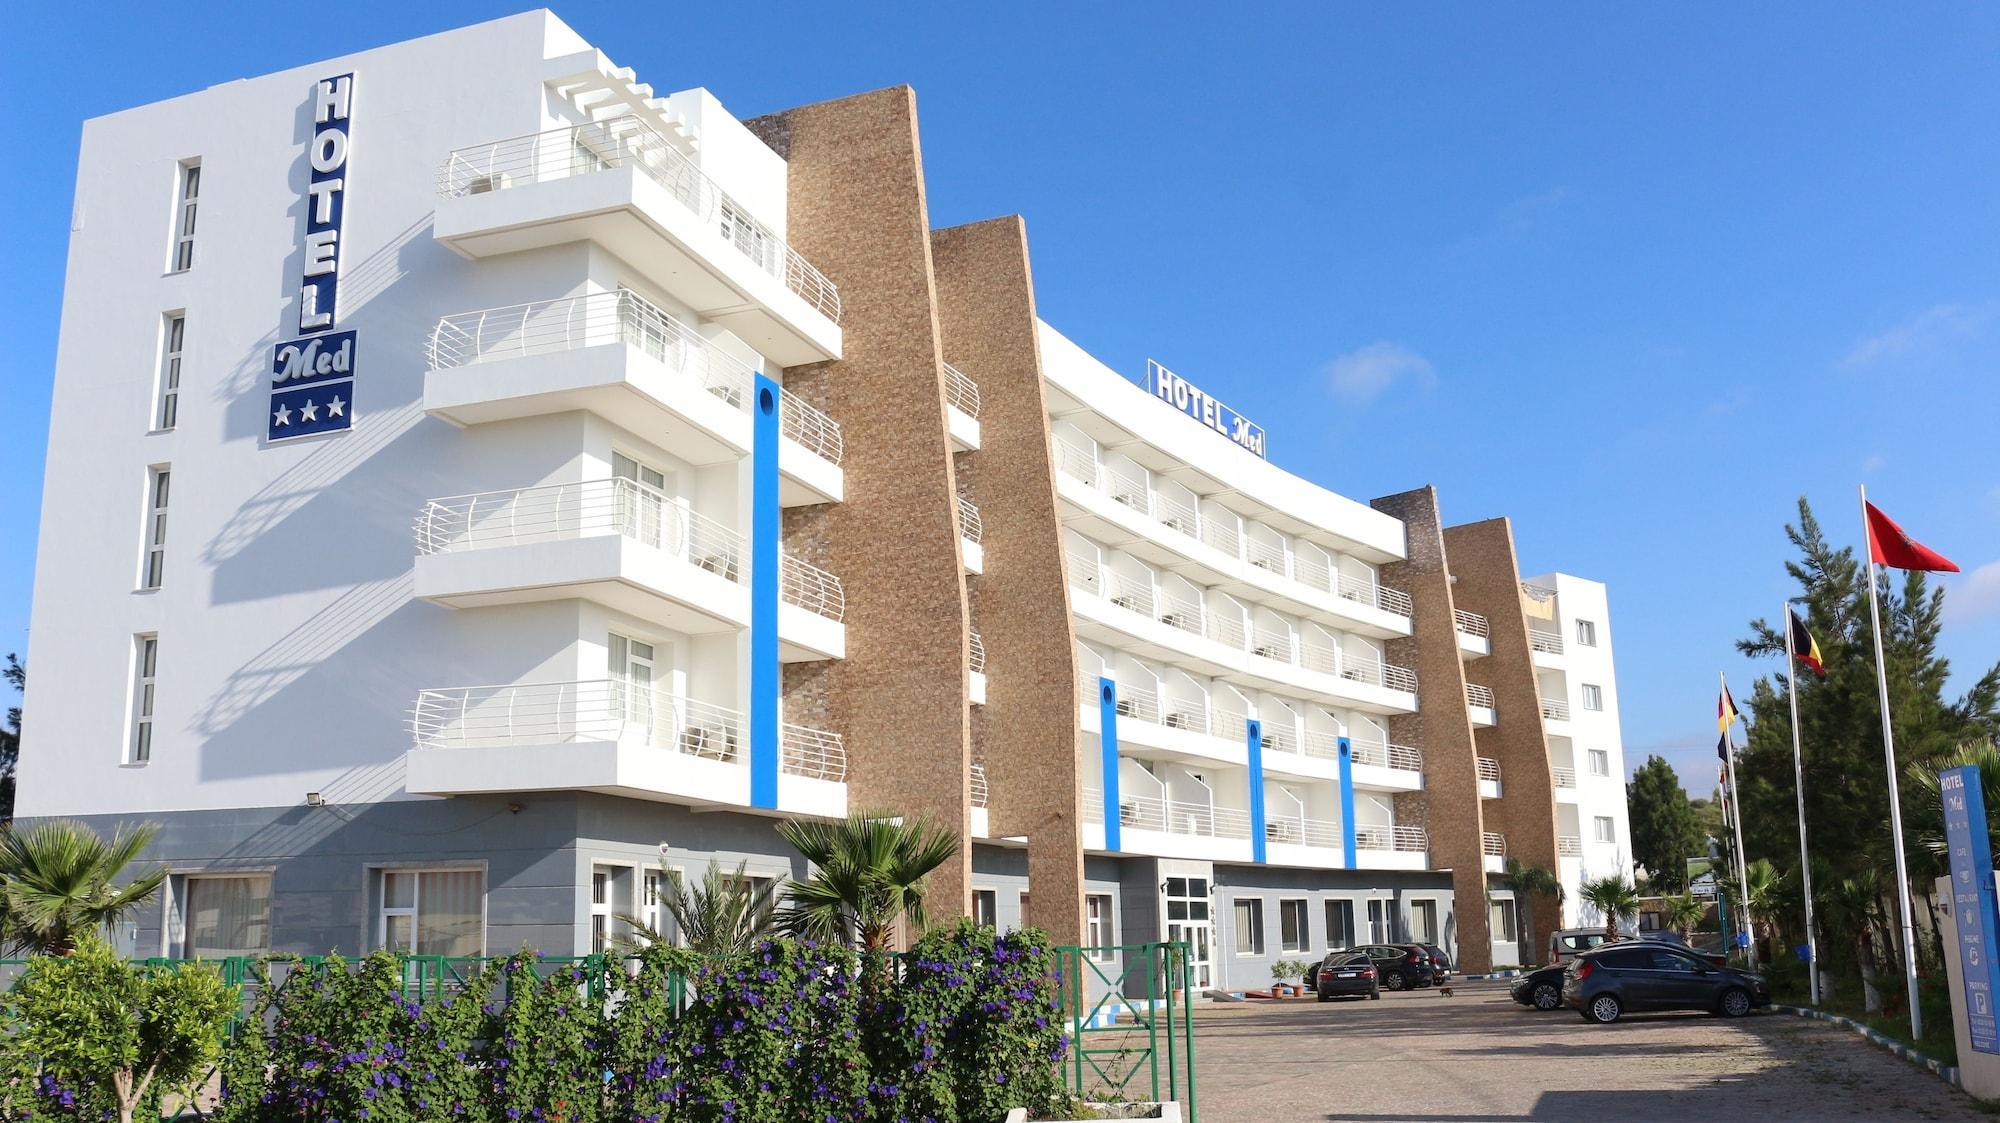 Hotel Tanger Med, Tánger: encuentra el mejor precio